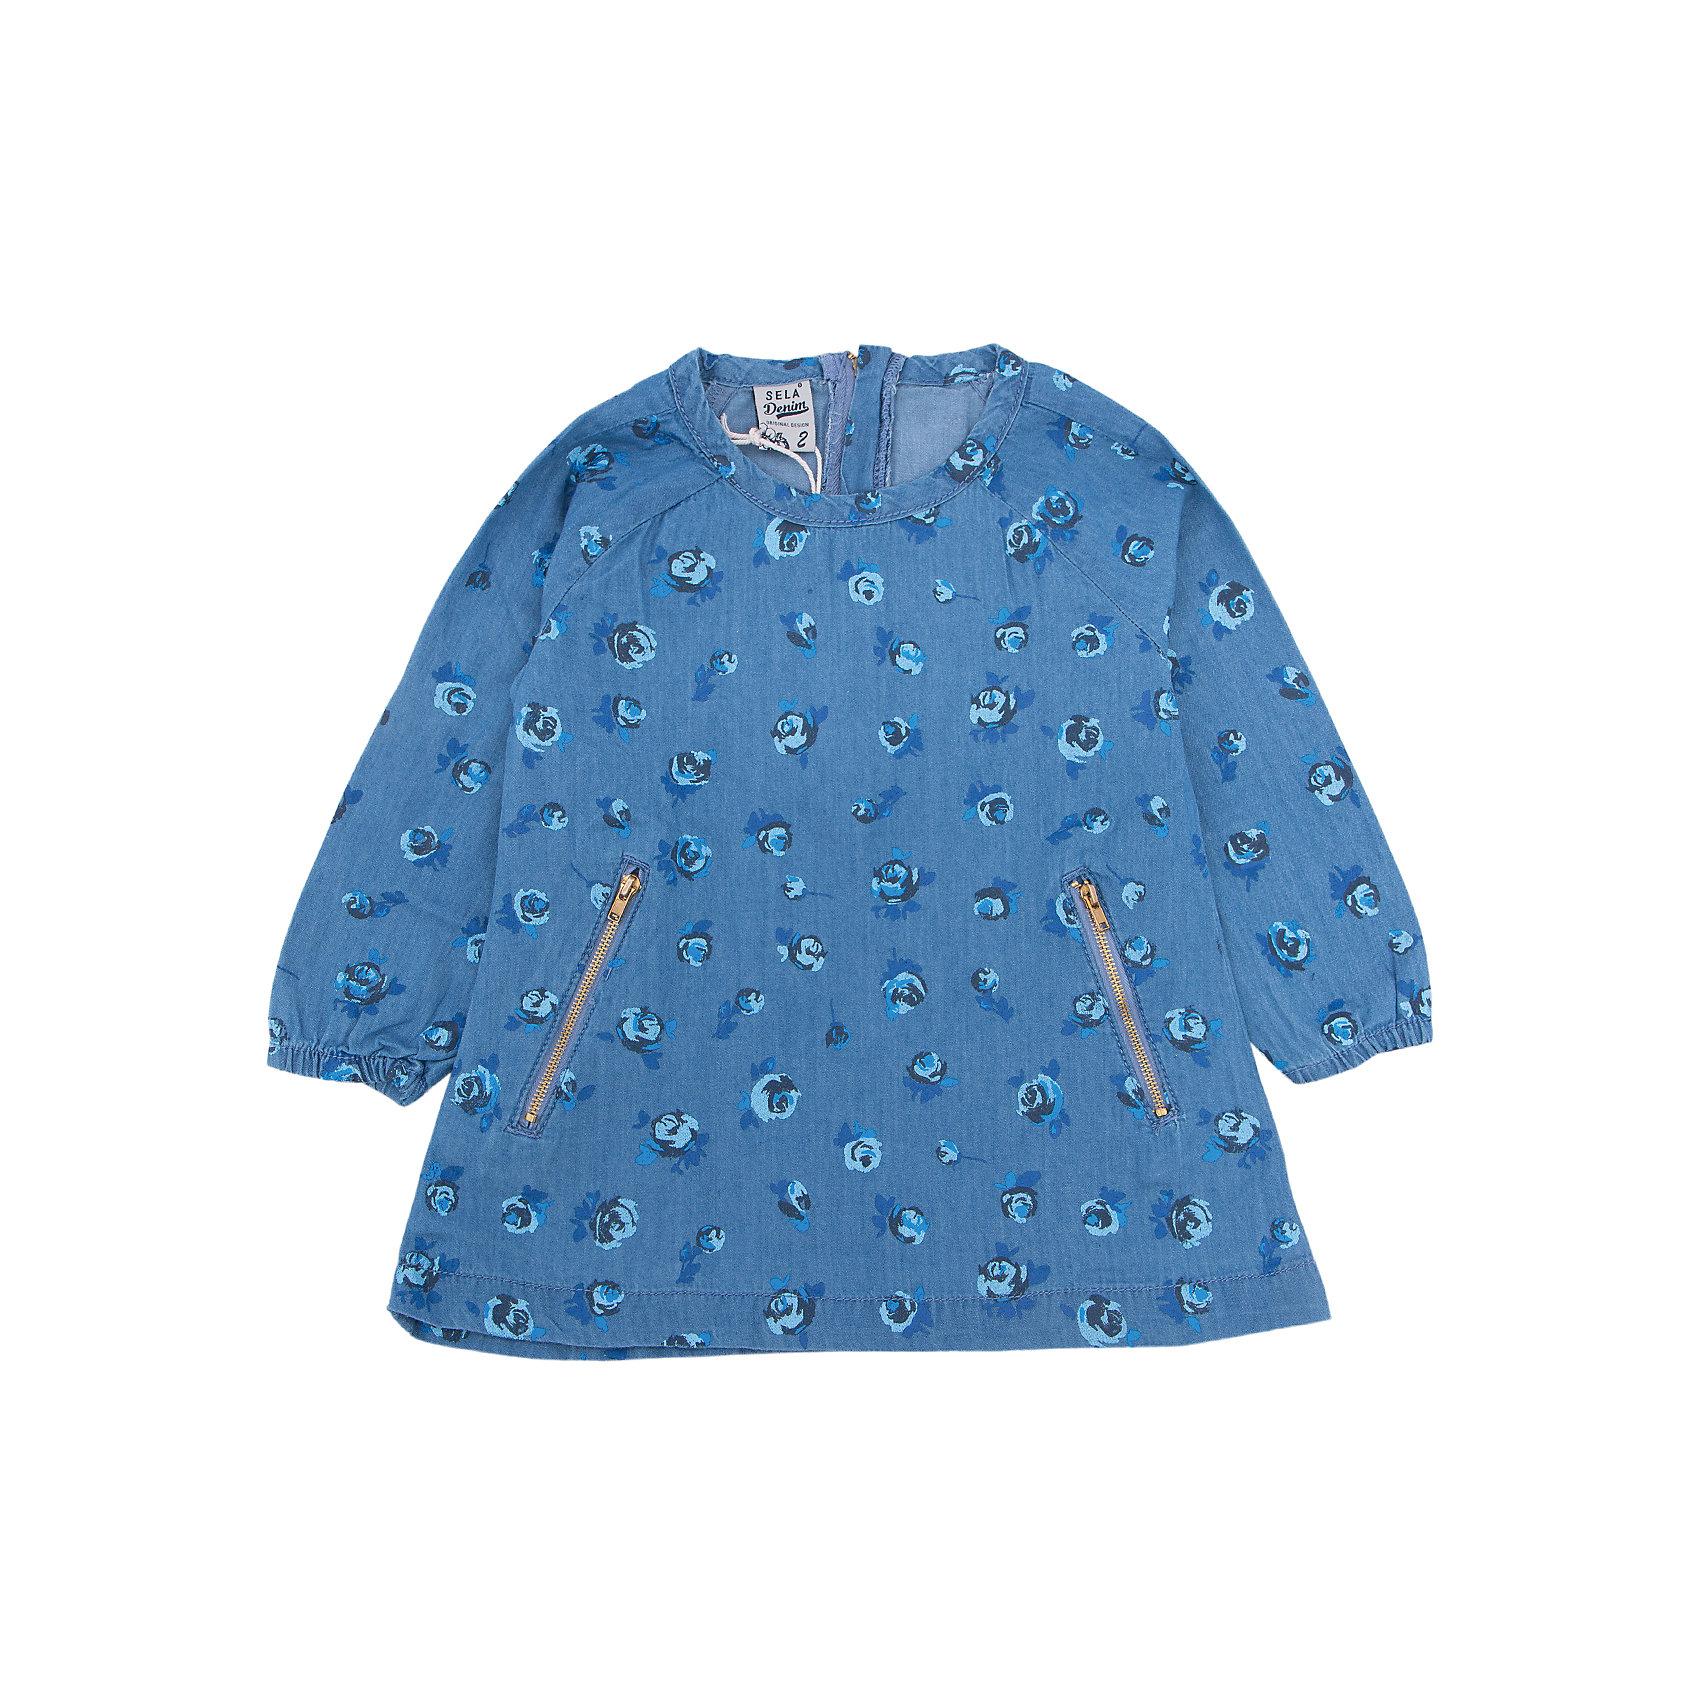 Платье для девочки SELAПлатье с принтом - очень модная вещь. Эта модель отлично сидит на ребенке, она смотрится стильно и нарядно. Приятная на ощупь ткань и качественная фурнитура обеспечивает ребенку комфорт. Модель станет отличной базовой вещью, которая будет уместна в различных сочетаниях.<br>Одежда от бренда Sela (Села) - это качество по приемлемым ценам. Многие российские родители уже оценили преимущества продукции этой компании и всё чаще приобретают одежду и аксессуары Sela.<br><br>Дополнительная информация:<br><br>цвет: синий;<br>материал: 100% хлопок;<br>с принтом;<br>длинный рукав.<br><br>Платье для девочки от бренда Sela можно купить в нашем интернет-магазине.<br><br>Ширина мм: 236<br>Глубина мм: 16<br>Высота мм: 184<br>Вес г: 177<br>Цвет: синий<br>Возраст от месяцев: 18<br>Возраст до месяцев: 24<br>Пол: Женский<br>Возраст: Детский<br>Размер: 116,110,104,98,92<br>SKU: 5020135